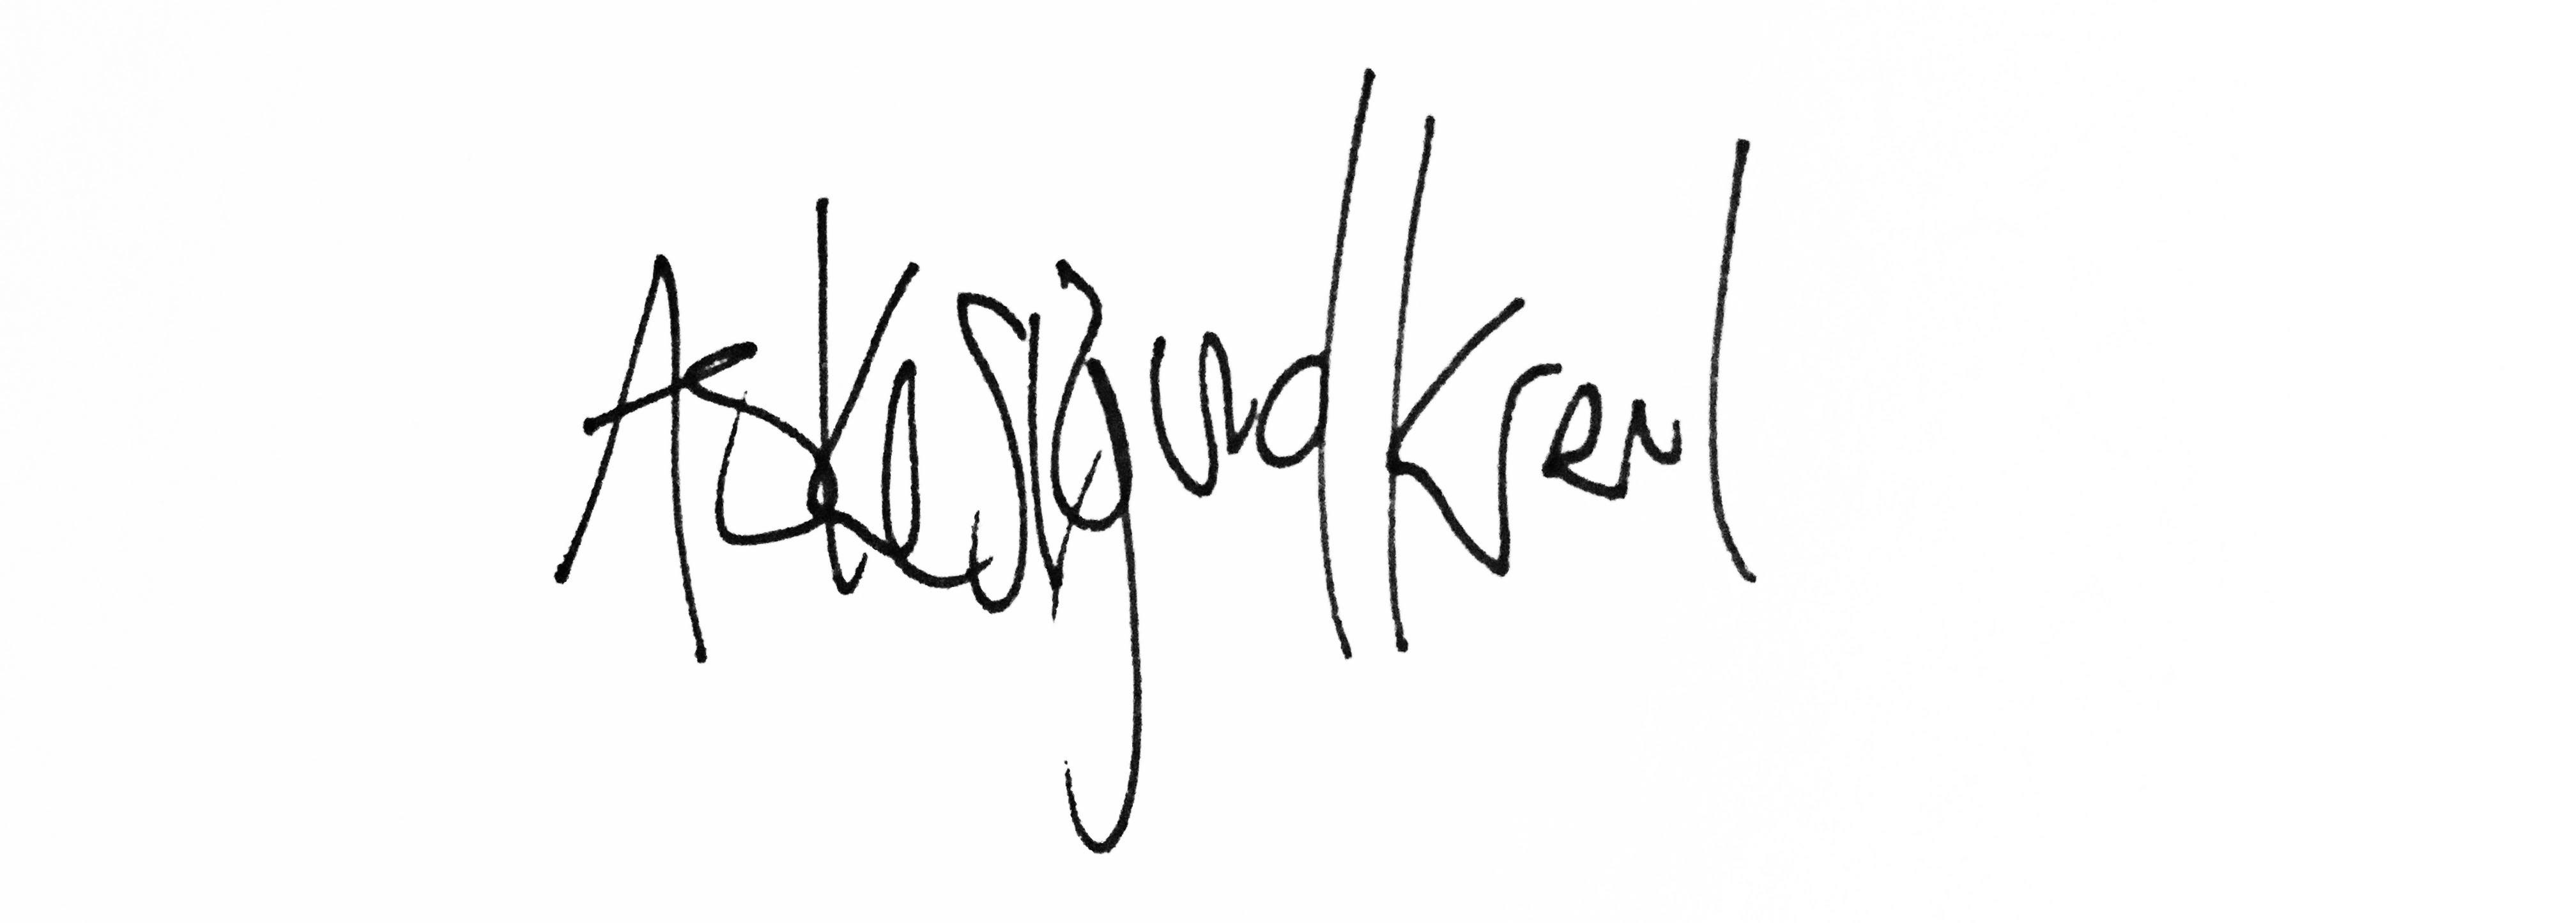 Aske Sigurd Kraul